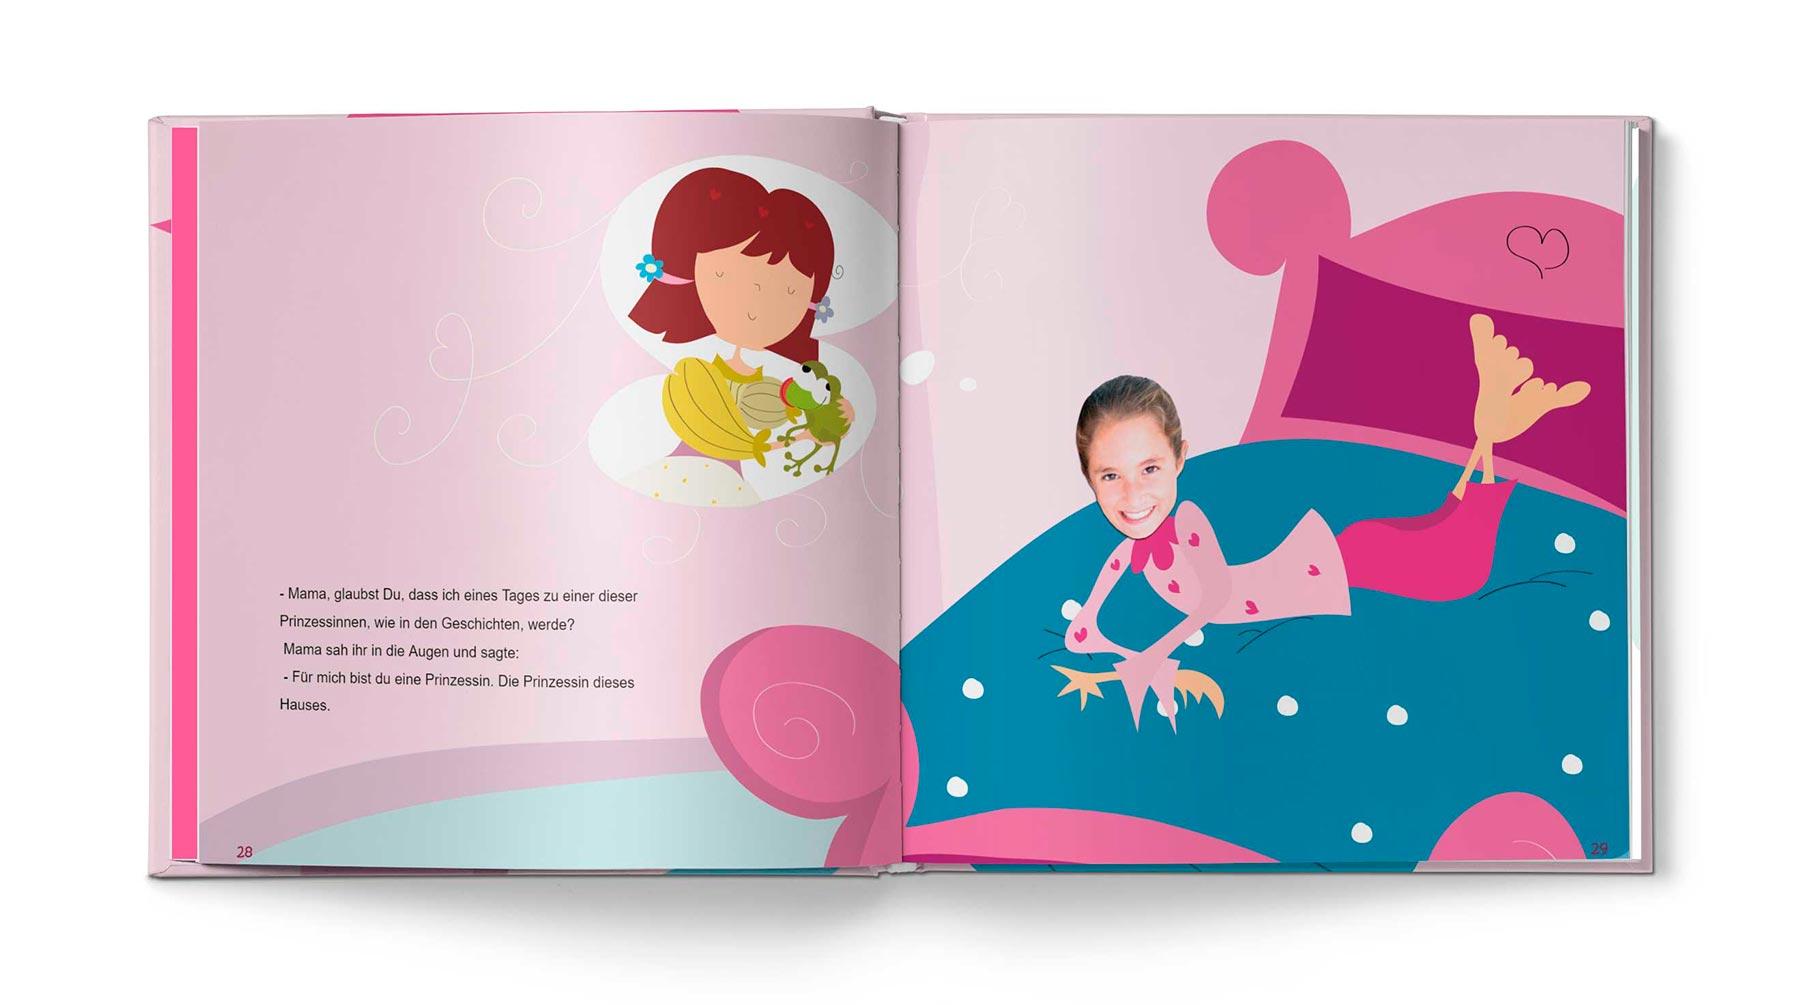 Geschichte Die Prinzessin und das Pflaster - Bild 14